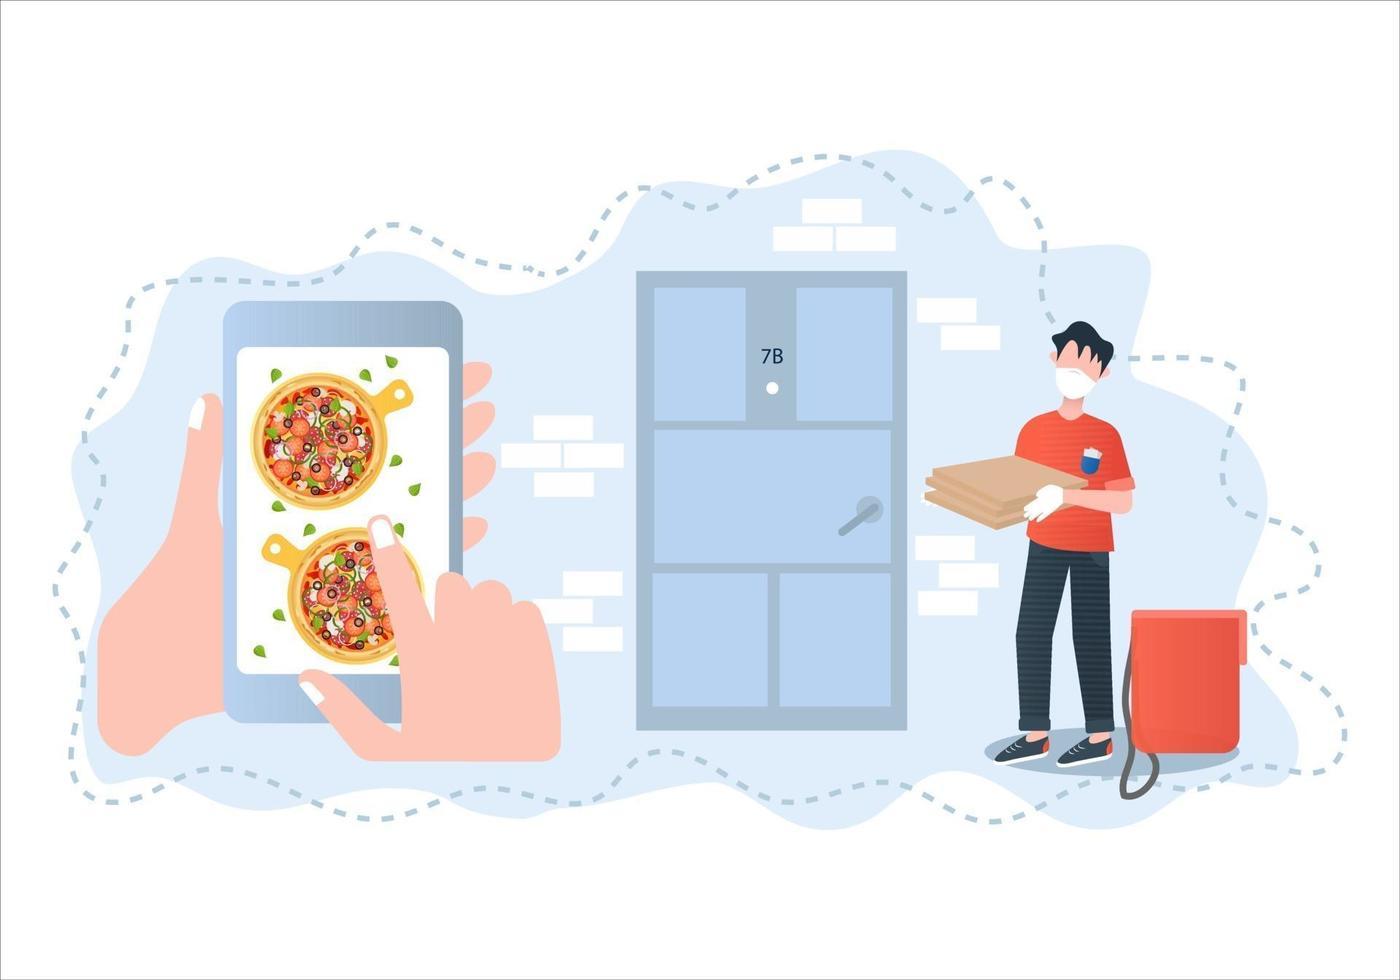 pizza kontaktlös leverans vektorillustration. pizza beställning via app. touchless säker pizza hem leverans vektor illustration koncept.